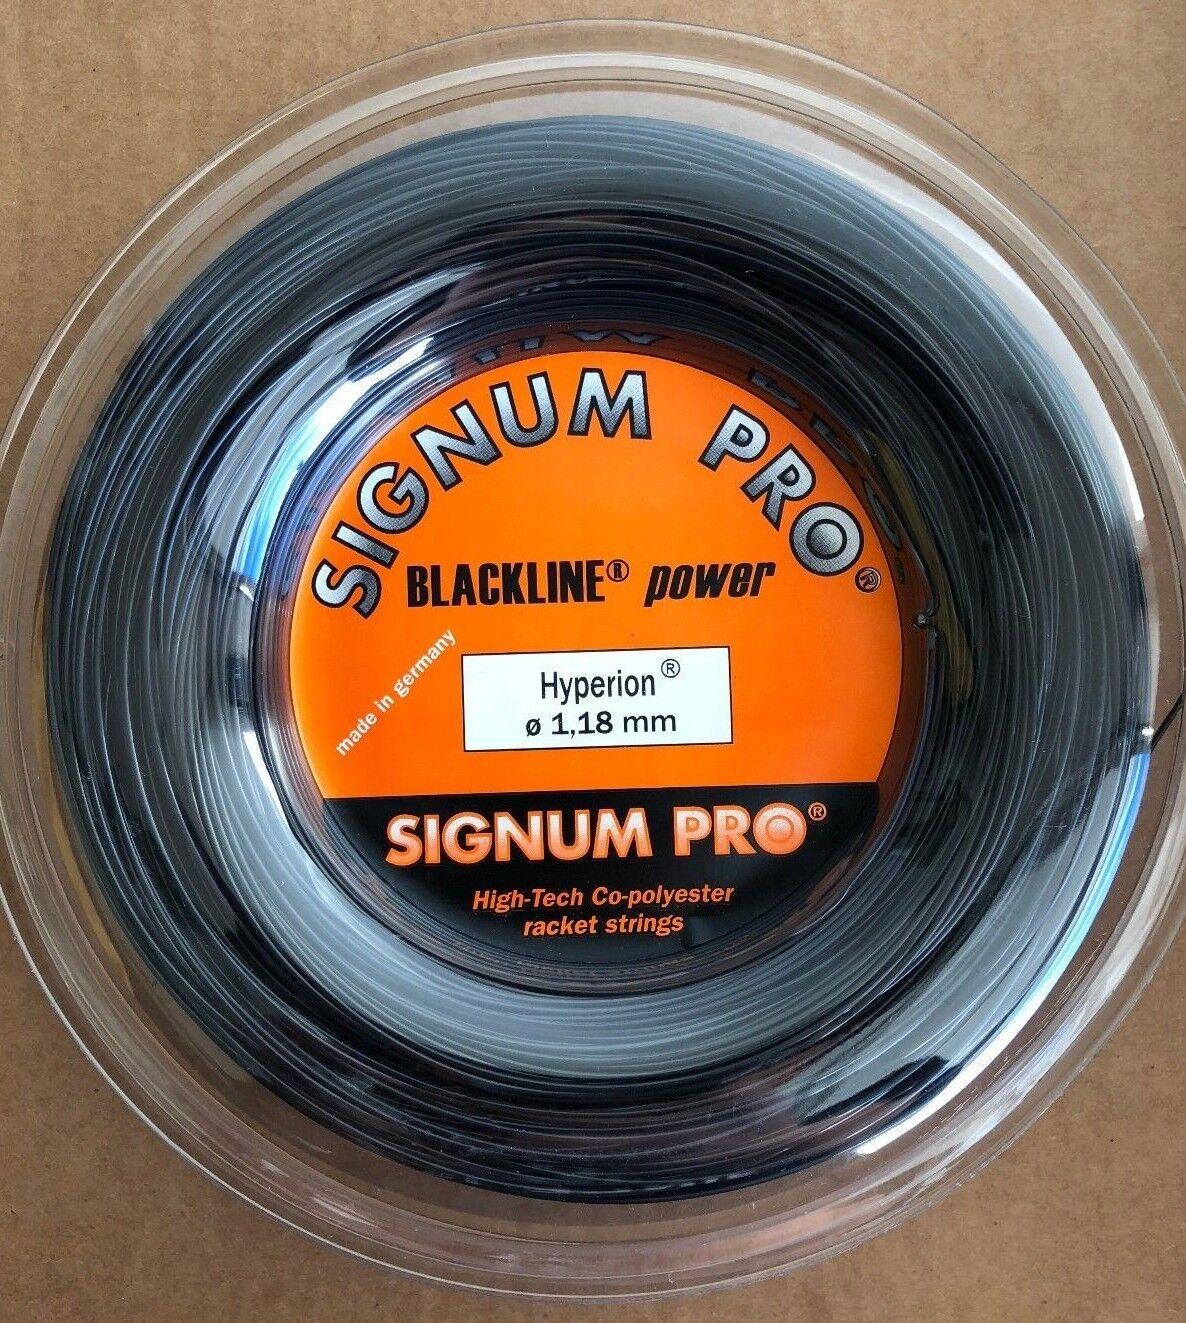 Signum Pro Pro Pro Hyperion 1.18mm - Co-Poly tenis Carrete de Cadena (660ft.) 90d33b